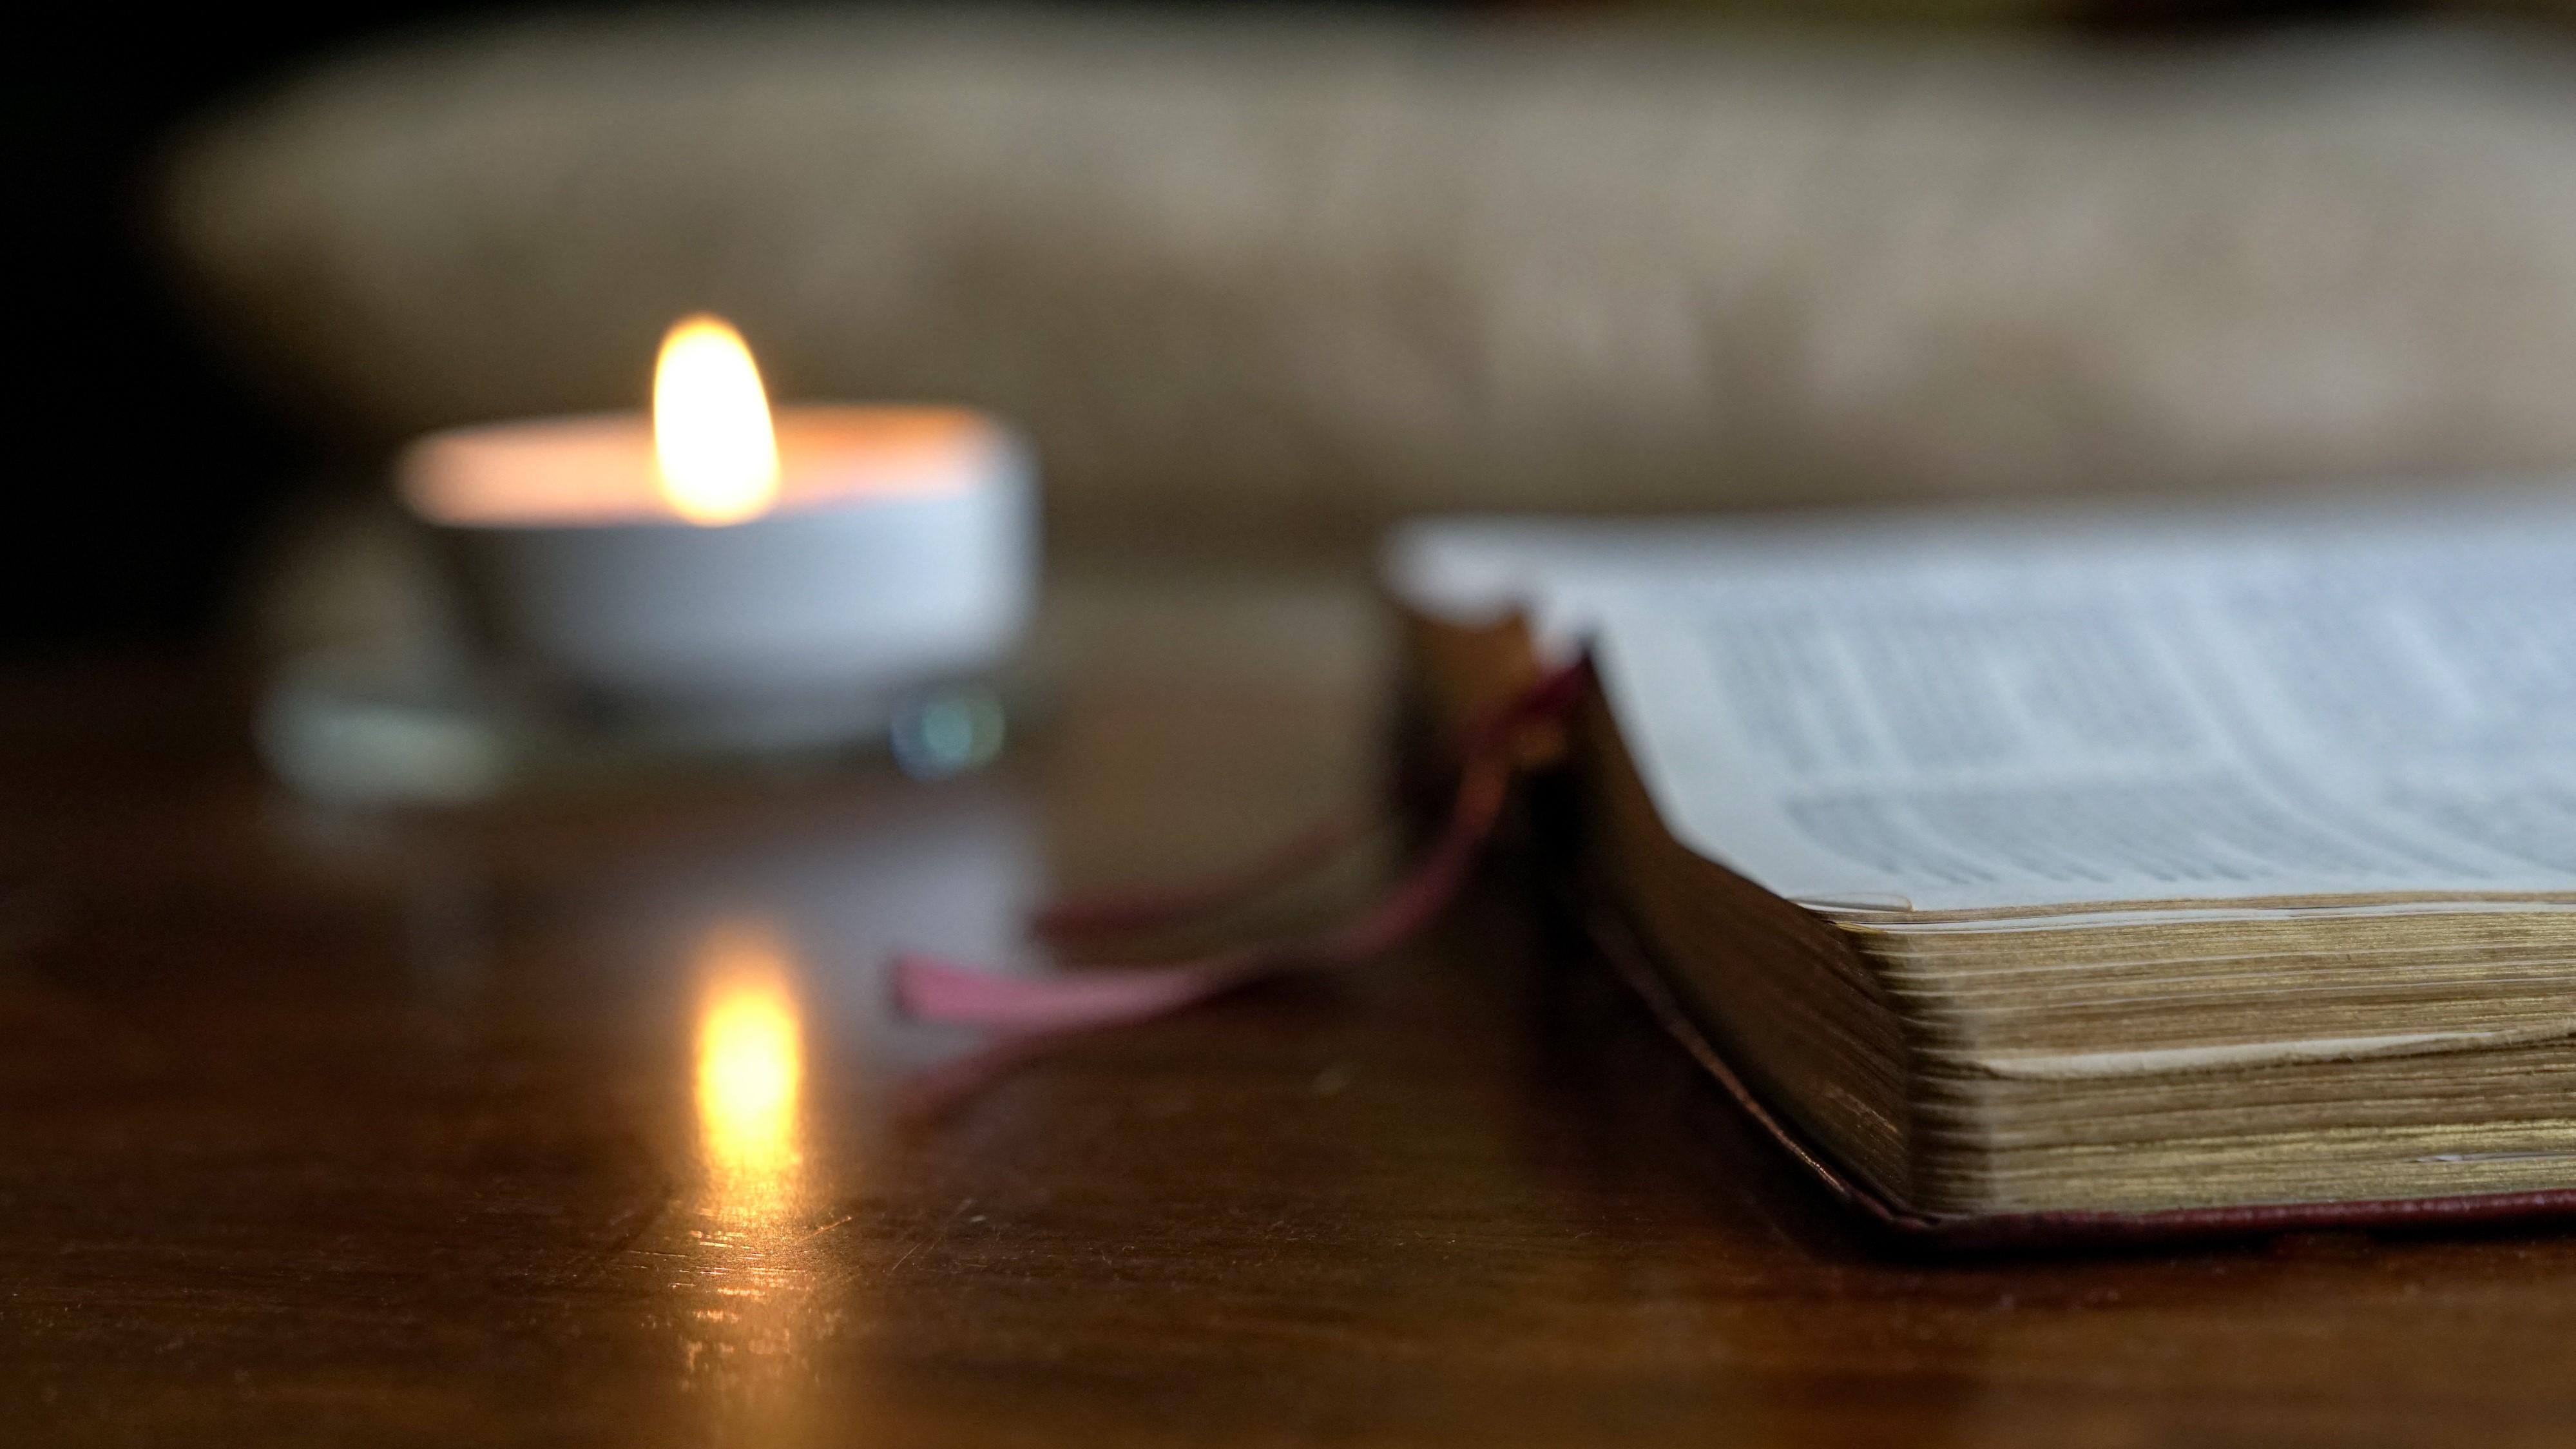 Tempo de silêncio para reflexão espiritual é desafiador para muitos.